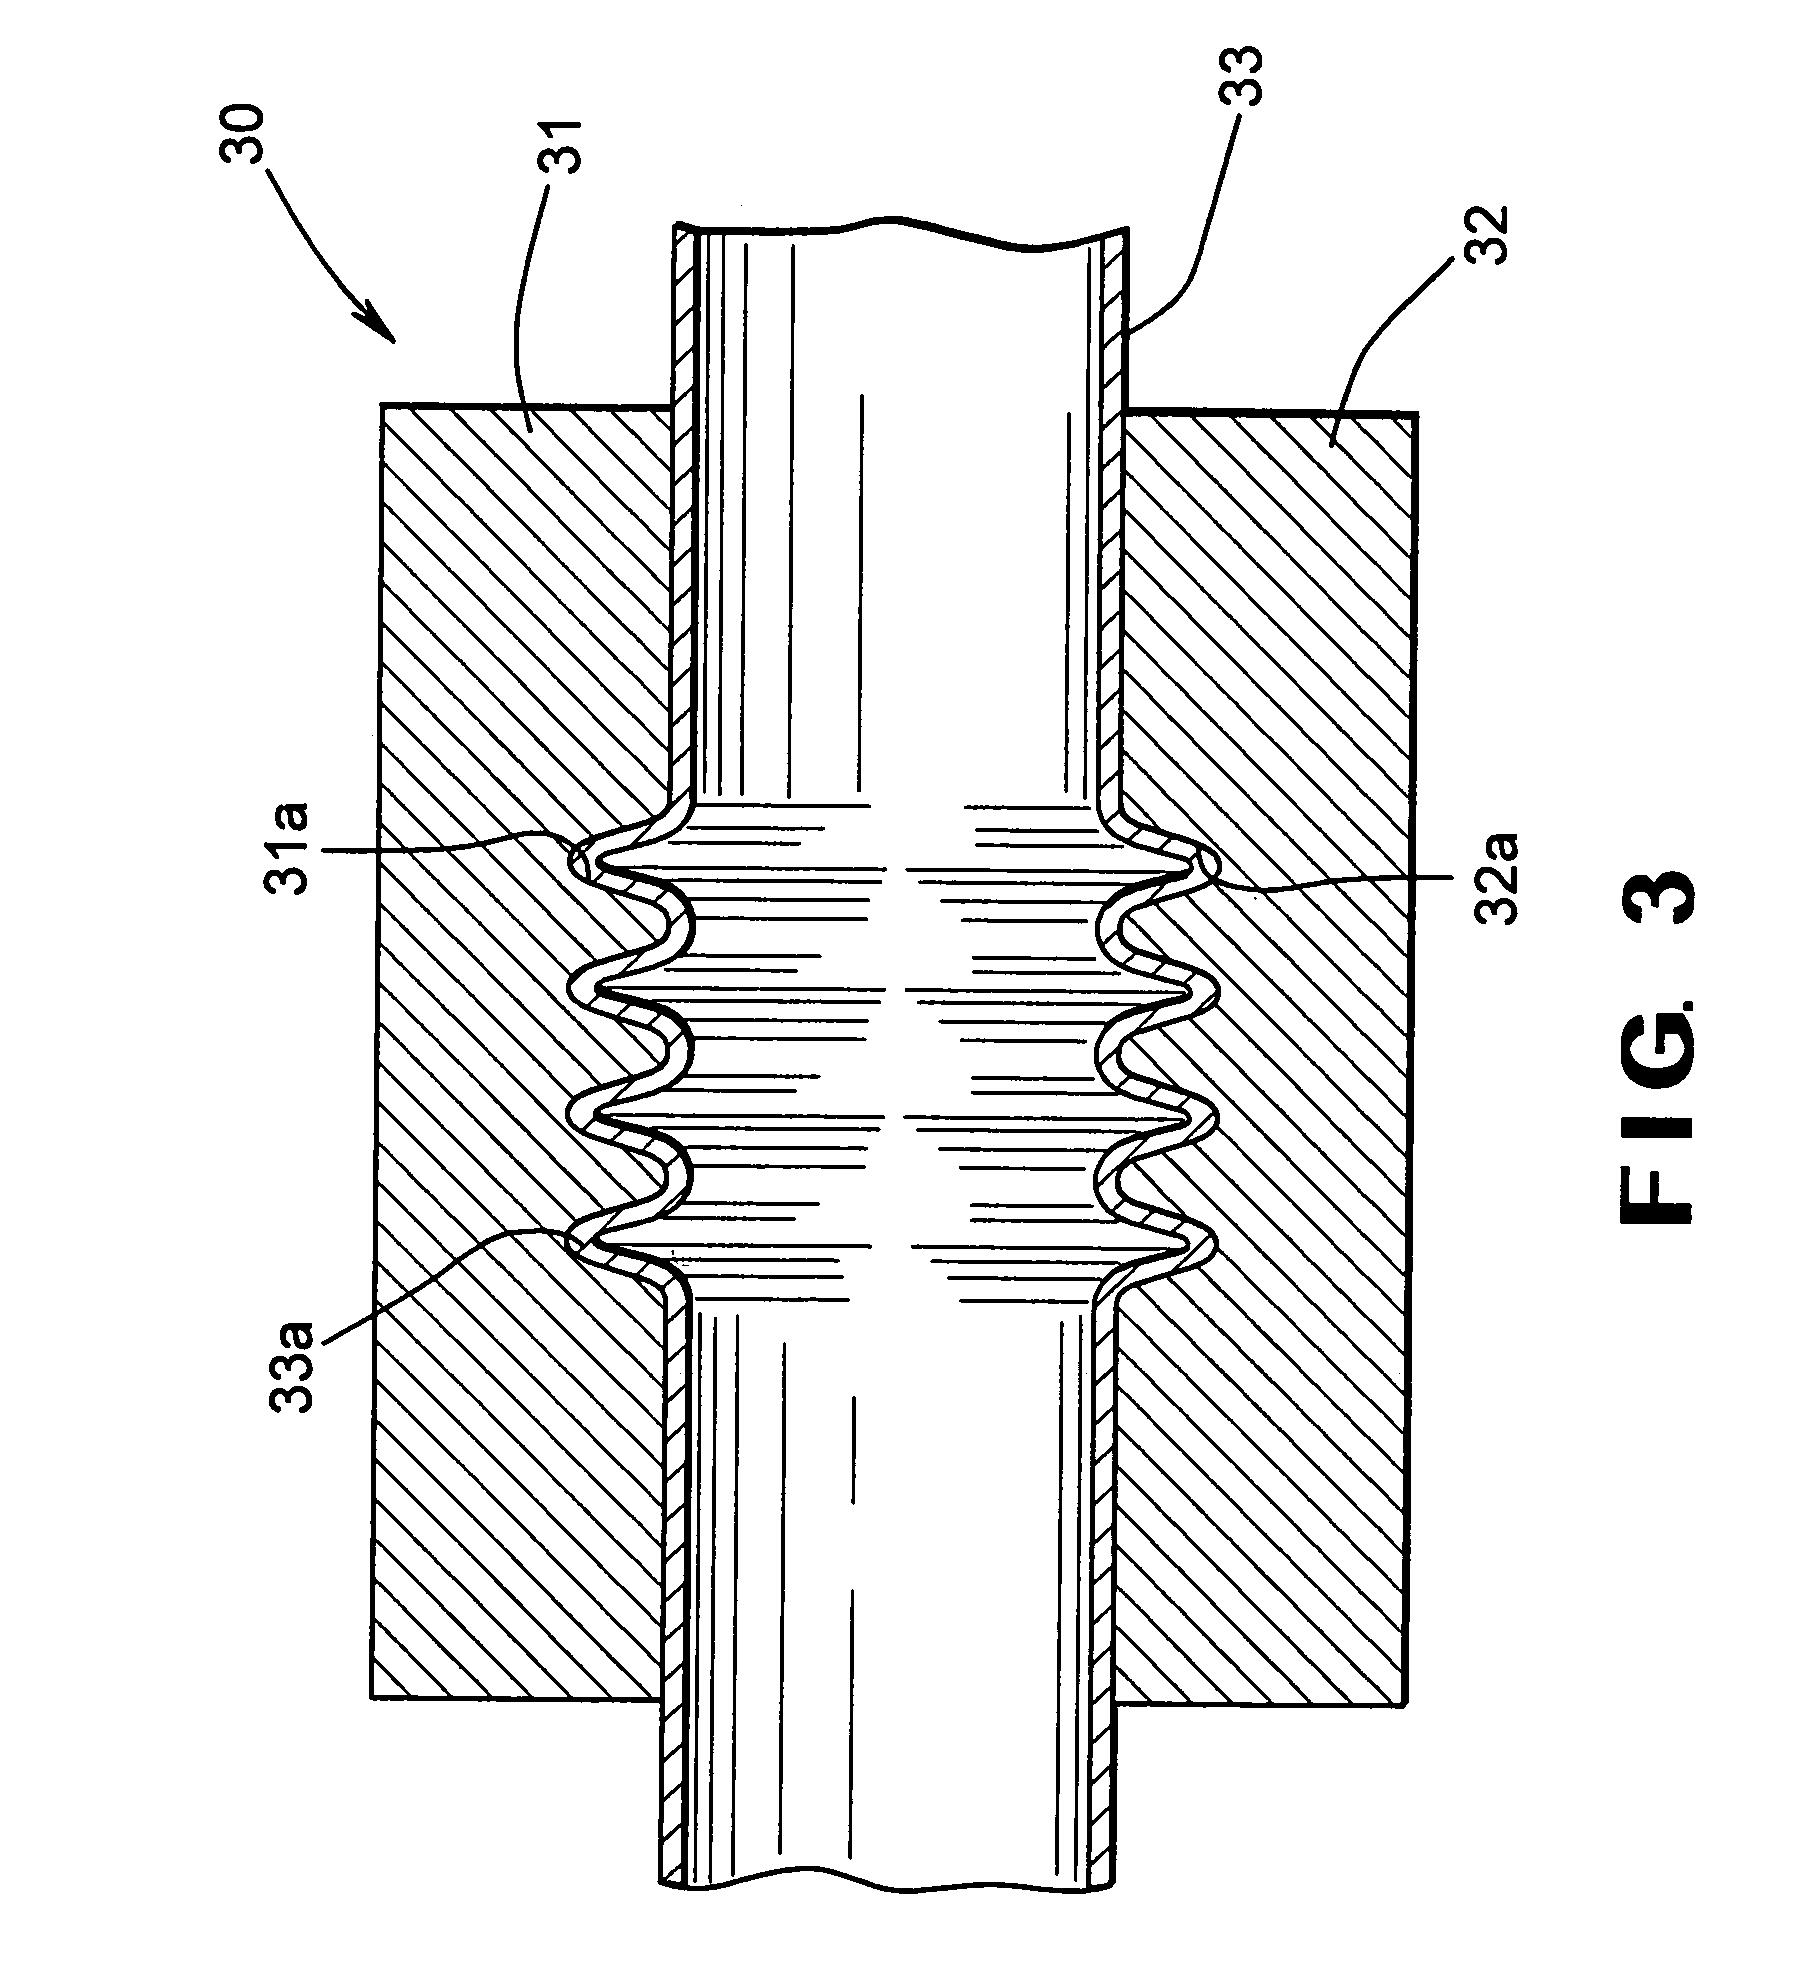 Patent US7080436